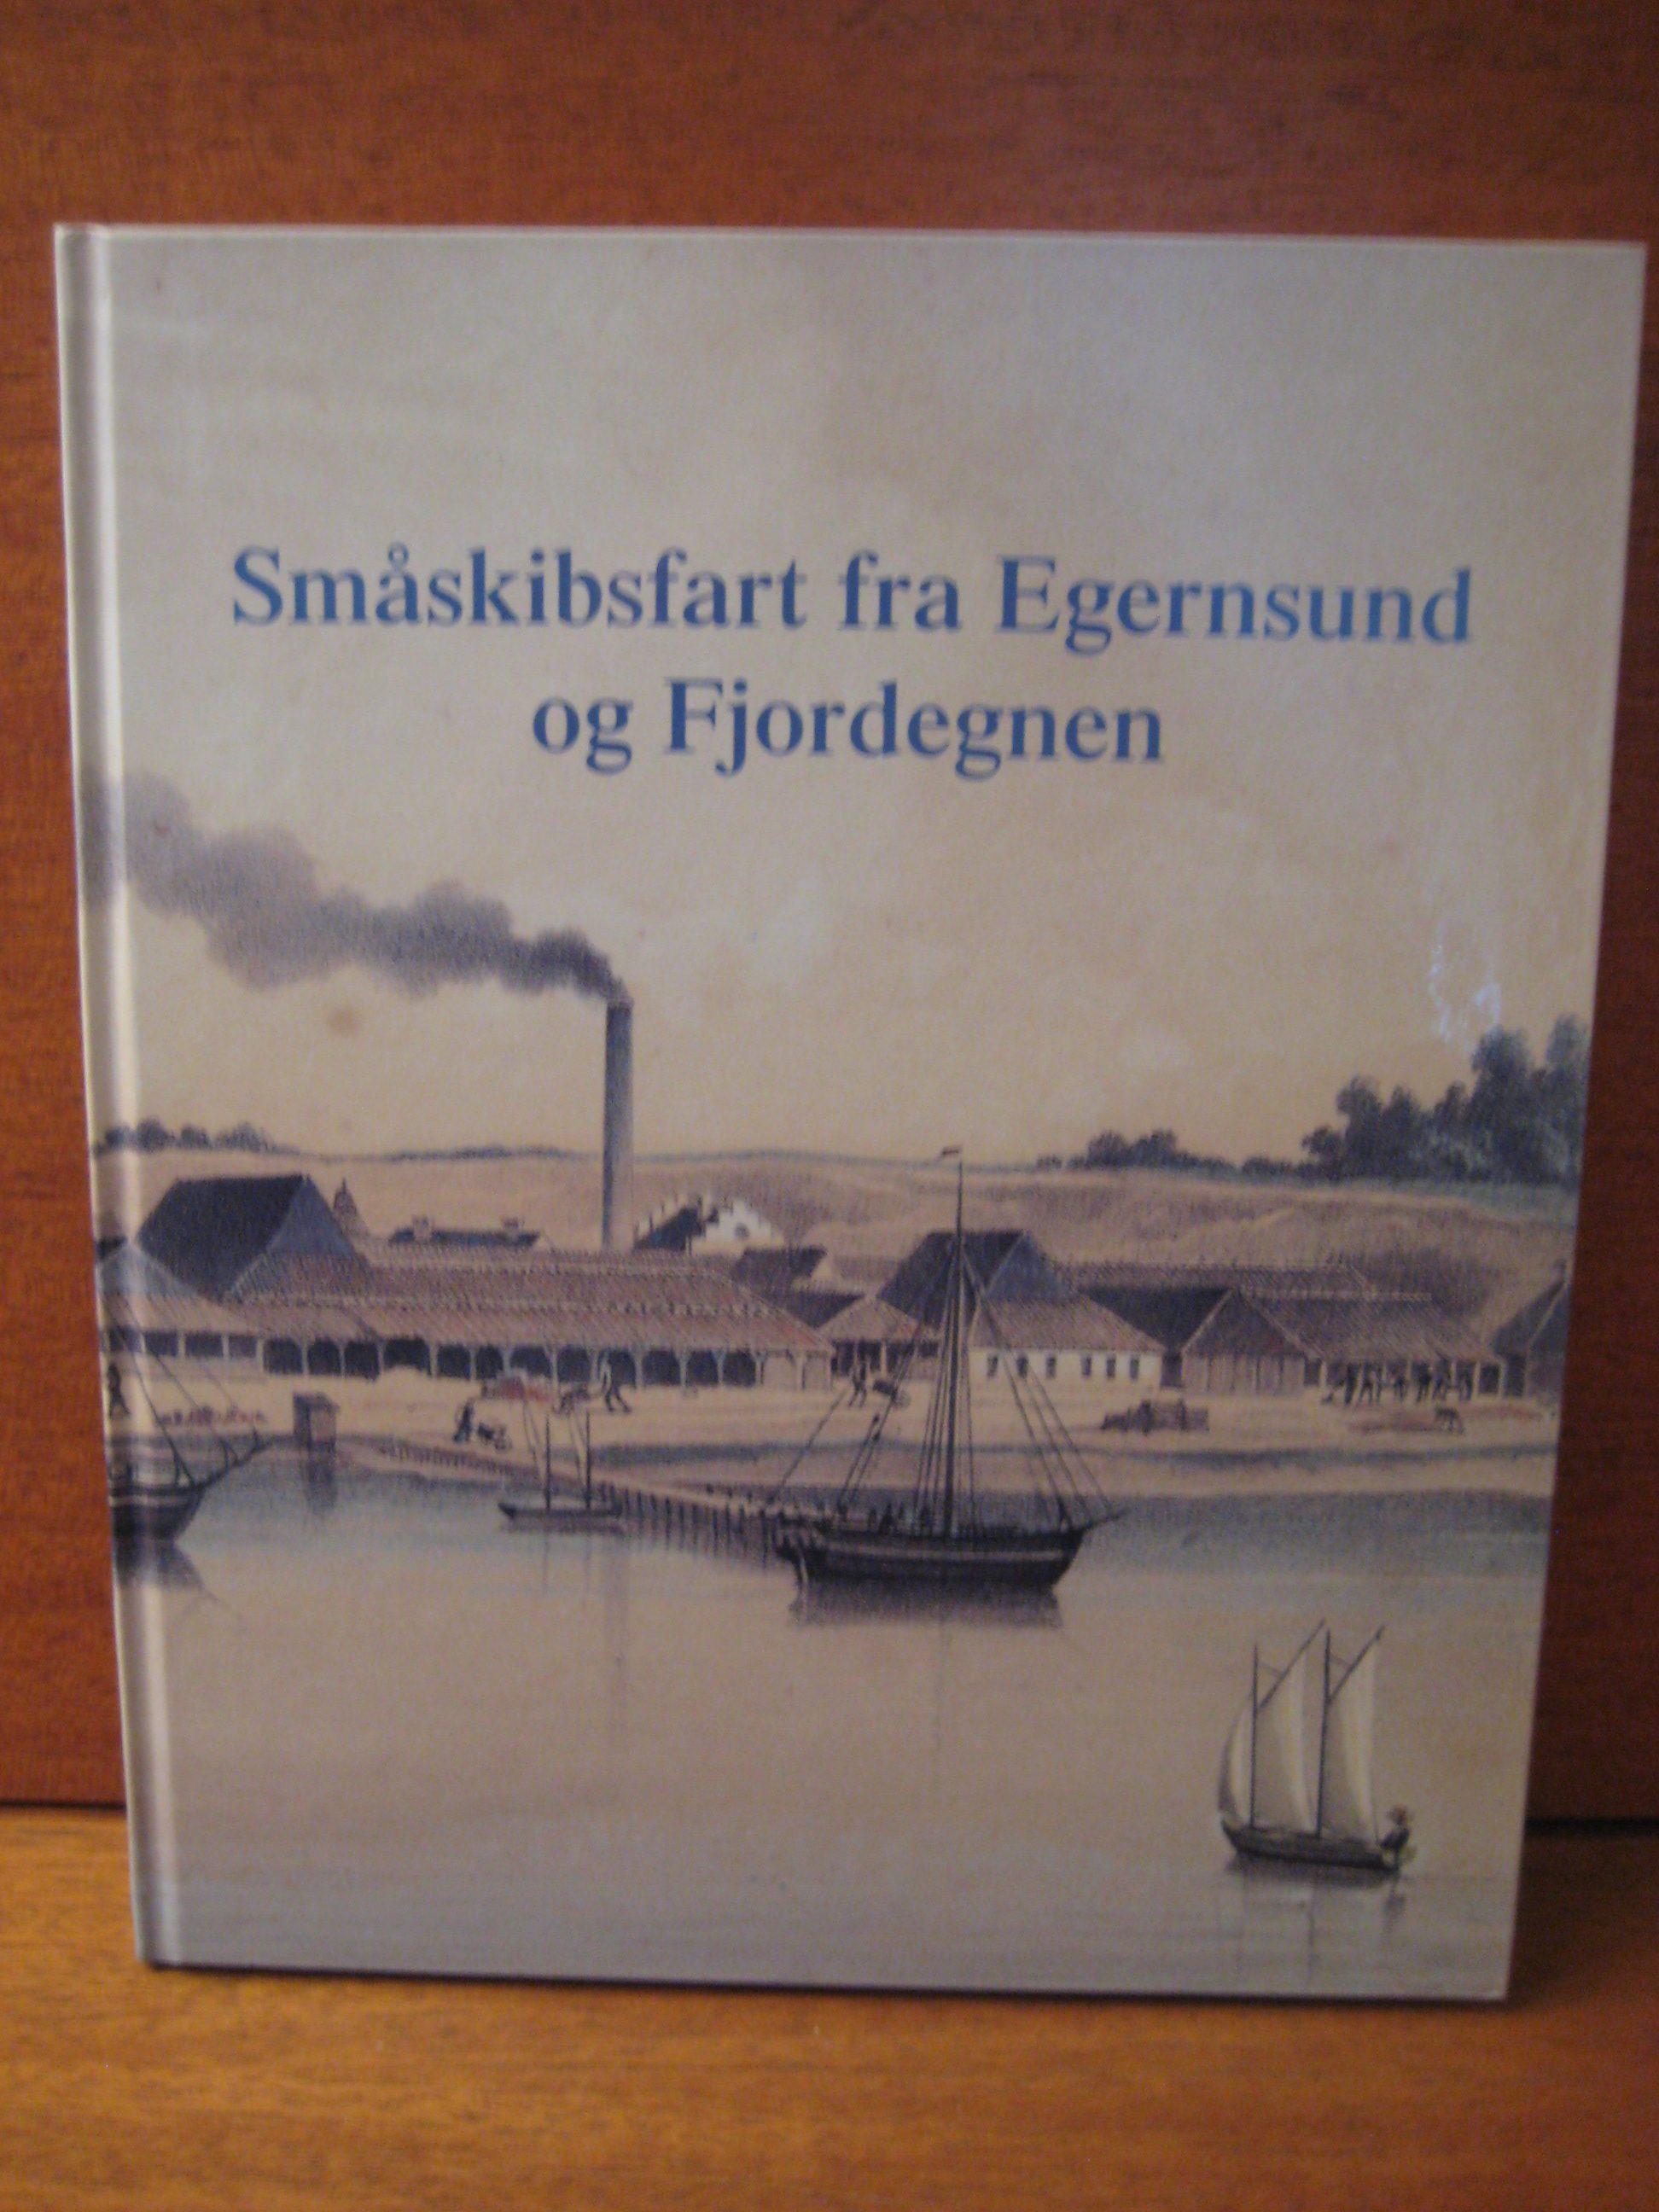 Småskibsfart fra Egernsund